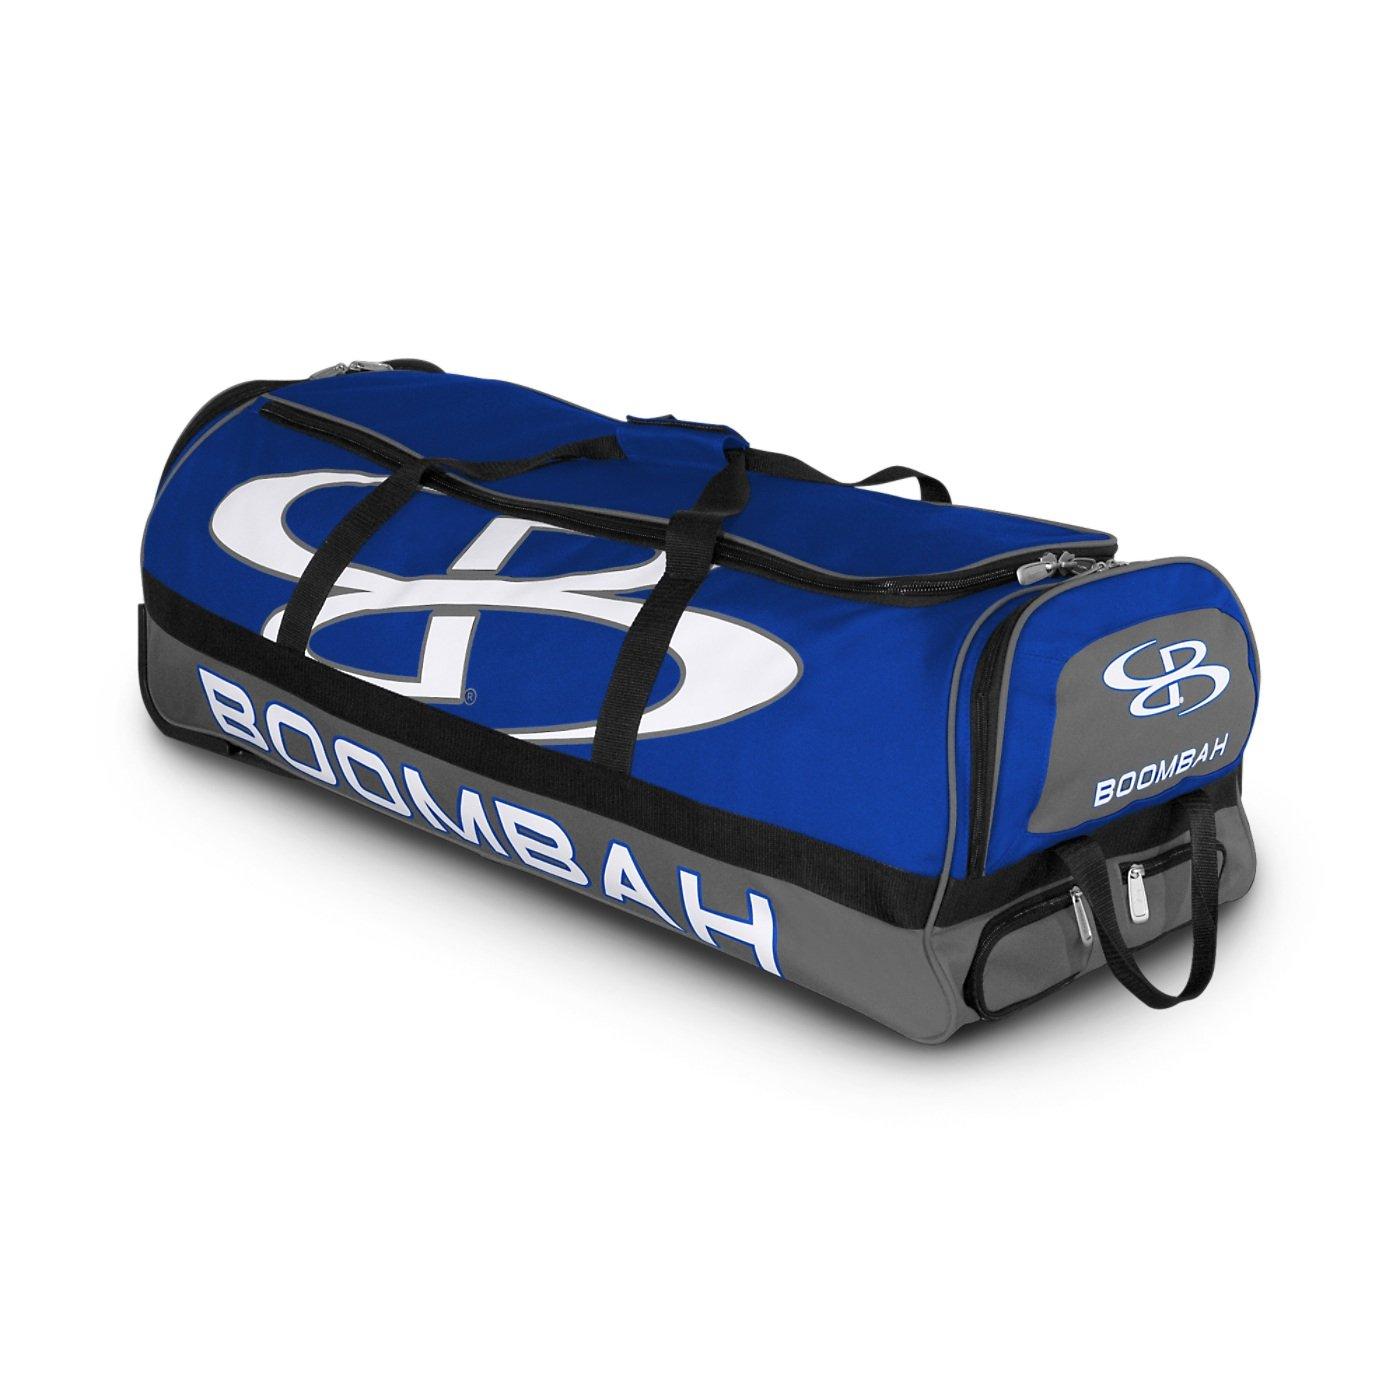 (ブームバー) Boombah Bruteシリーズ キャスター付きバットケース 野球ソフトボール用 35×15×12–1/2インチ 49色展開 4本のバットと用具を収納可能 B01N7BWPJK Royal/Gray Royal/Gray